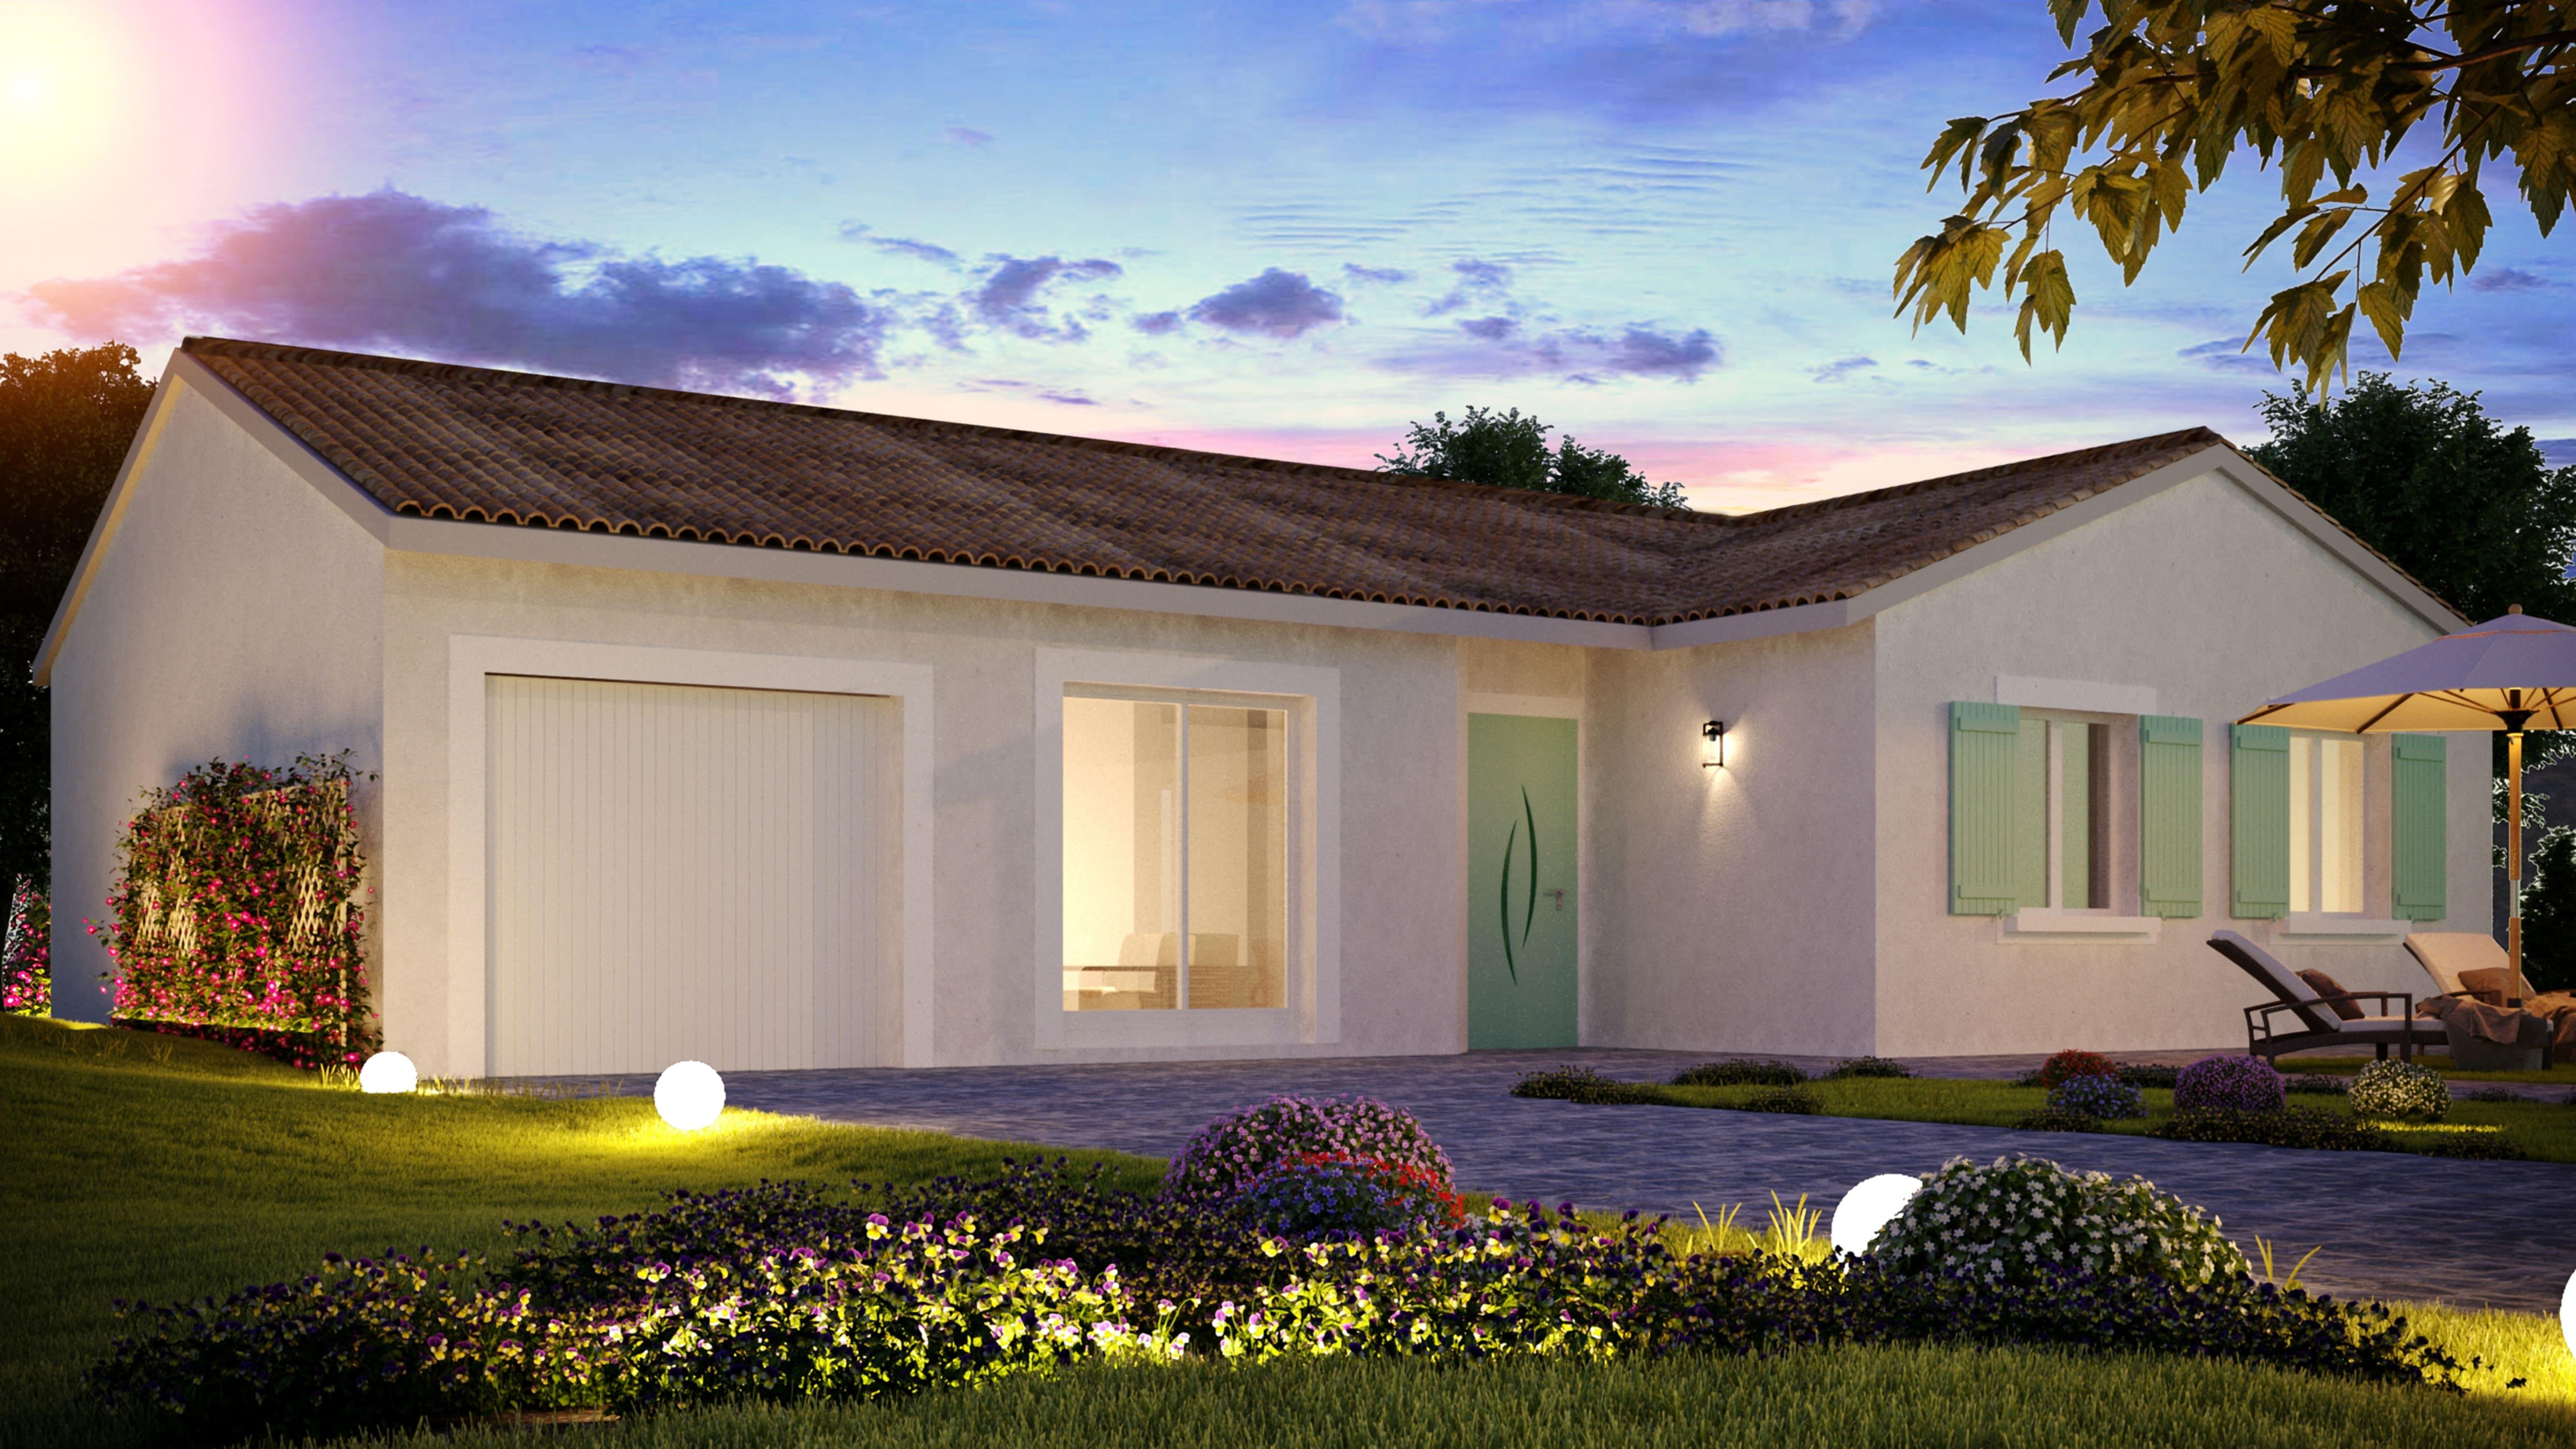 Maisons + Terrains du constructeur VIV'HOME • 91 m² • THAIRE